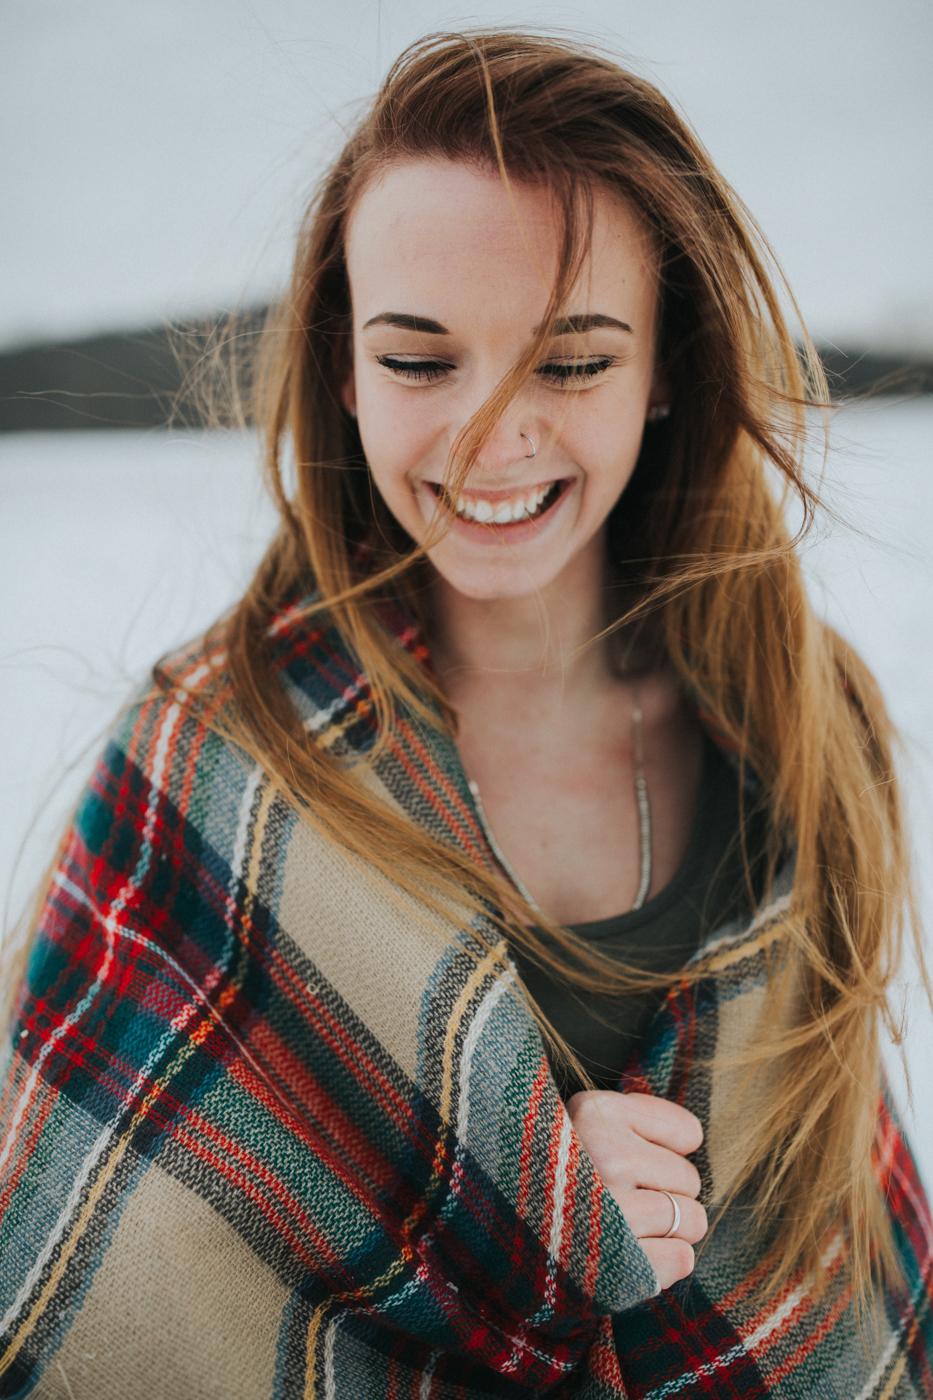 ashley-portraits-oakwood-photo-video-6.jpg